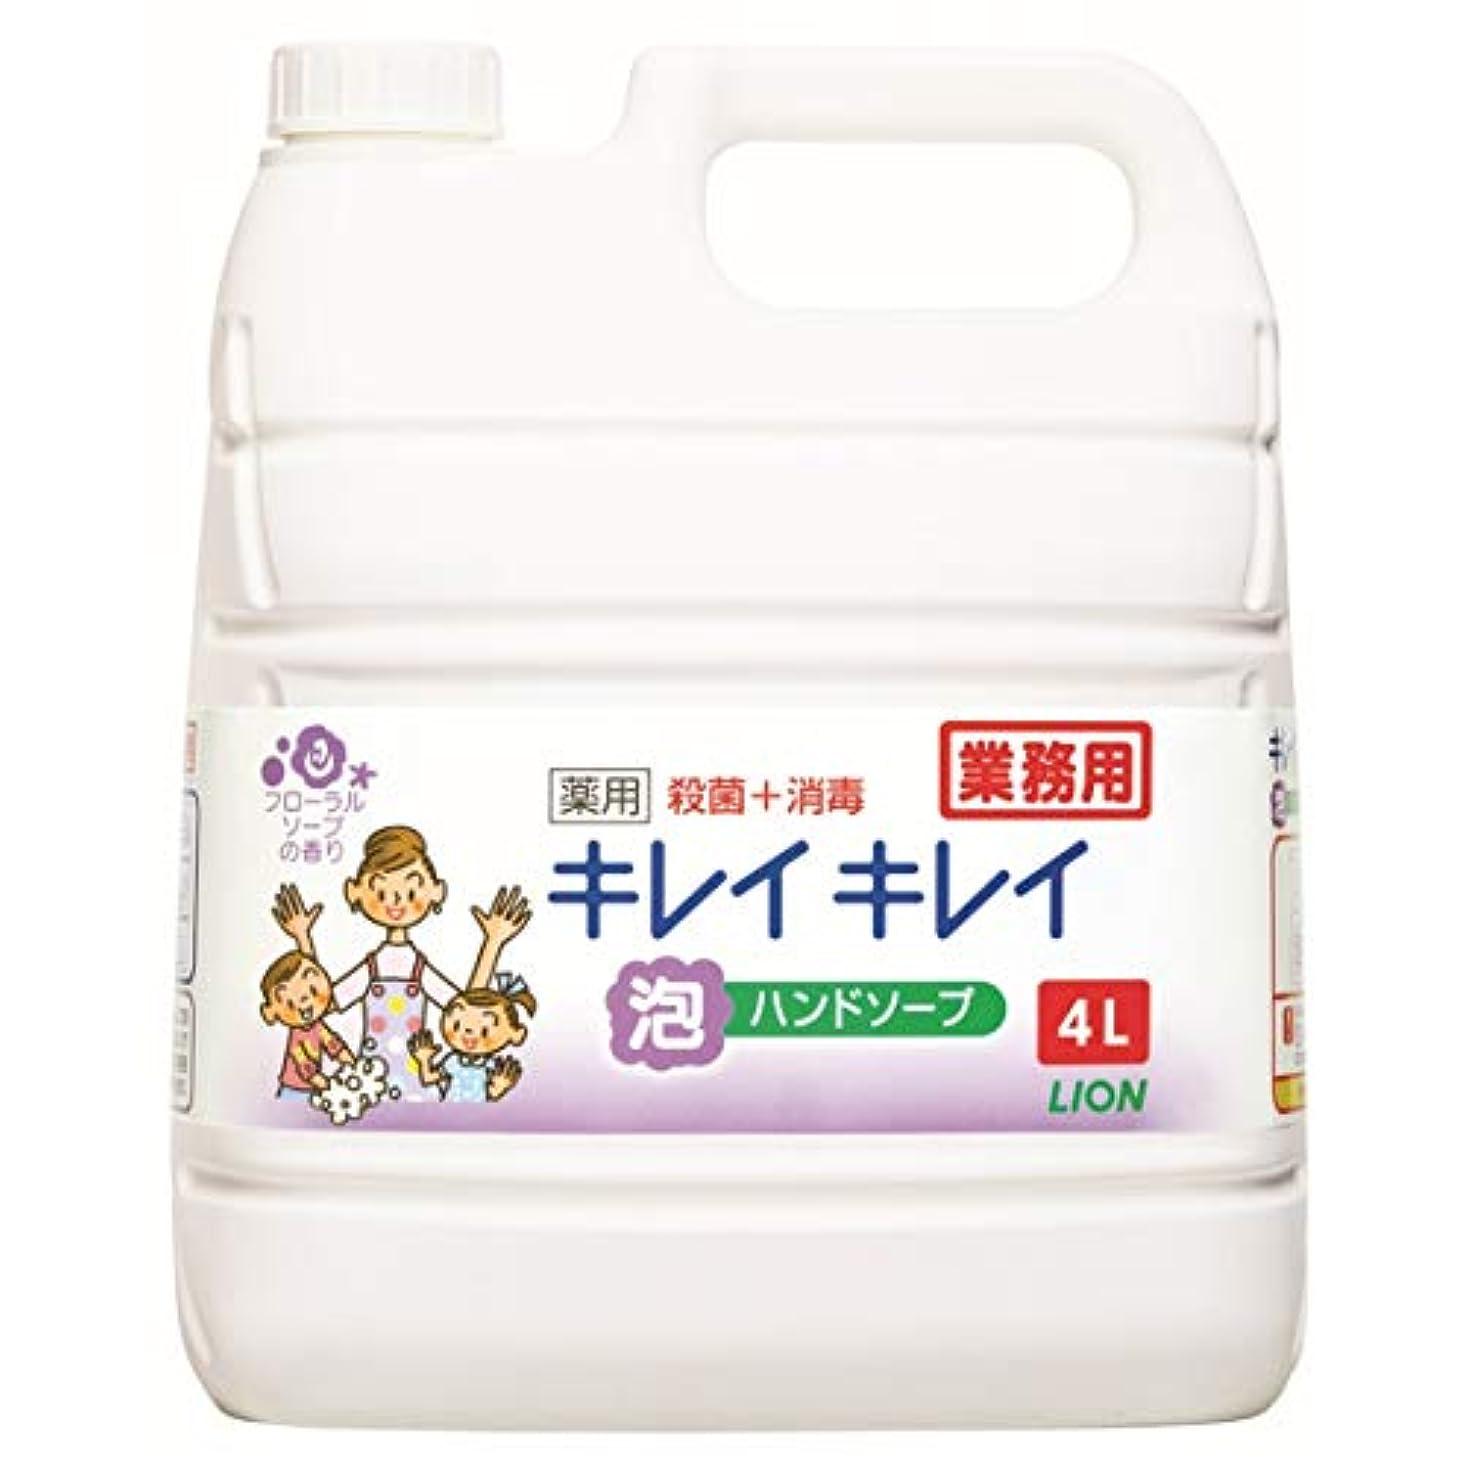 オークション保守的動かない【業務用 大容量】キレイキレイ 薬用 泡ハンドソープフローラルソープの香り 4L(医薬部外品)